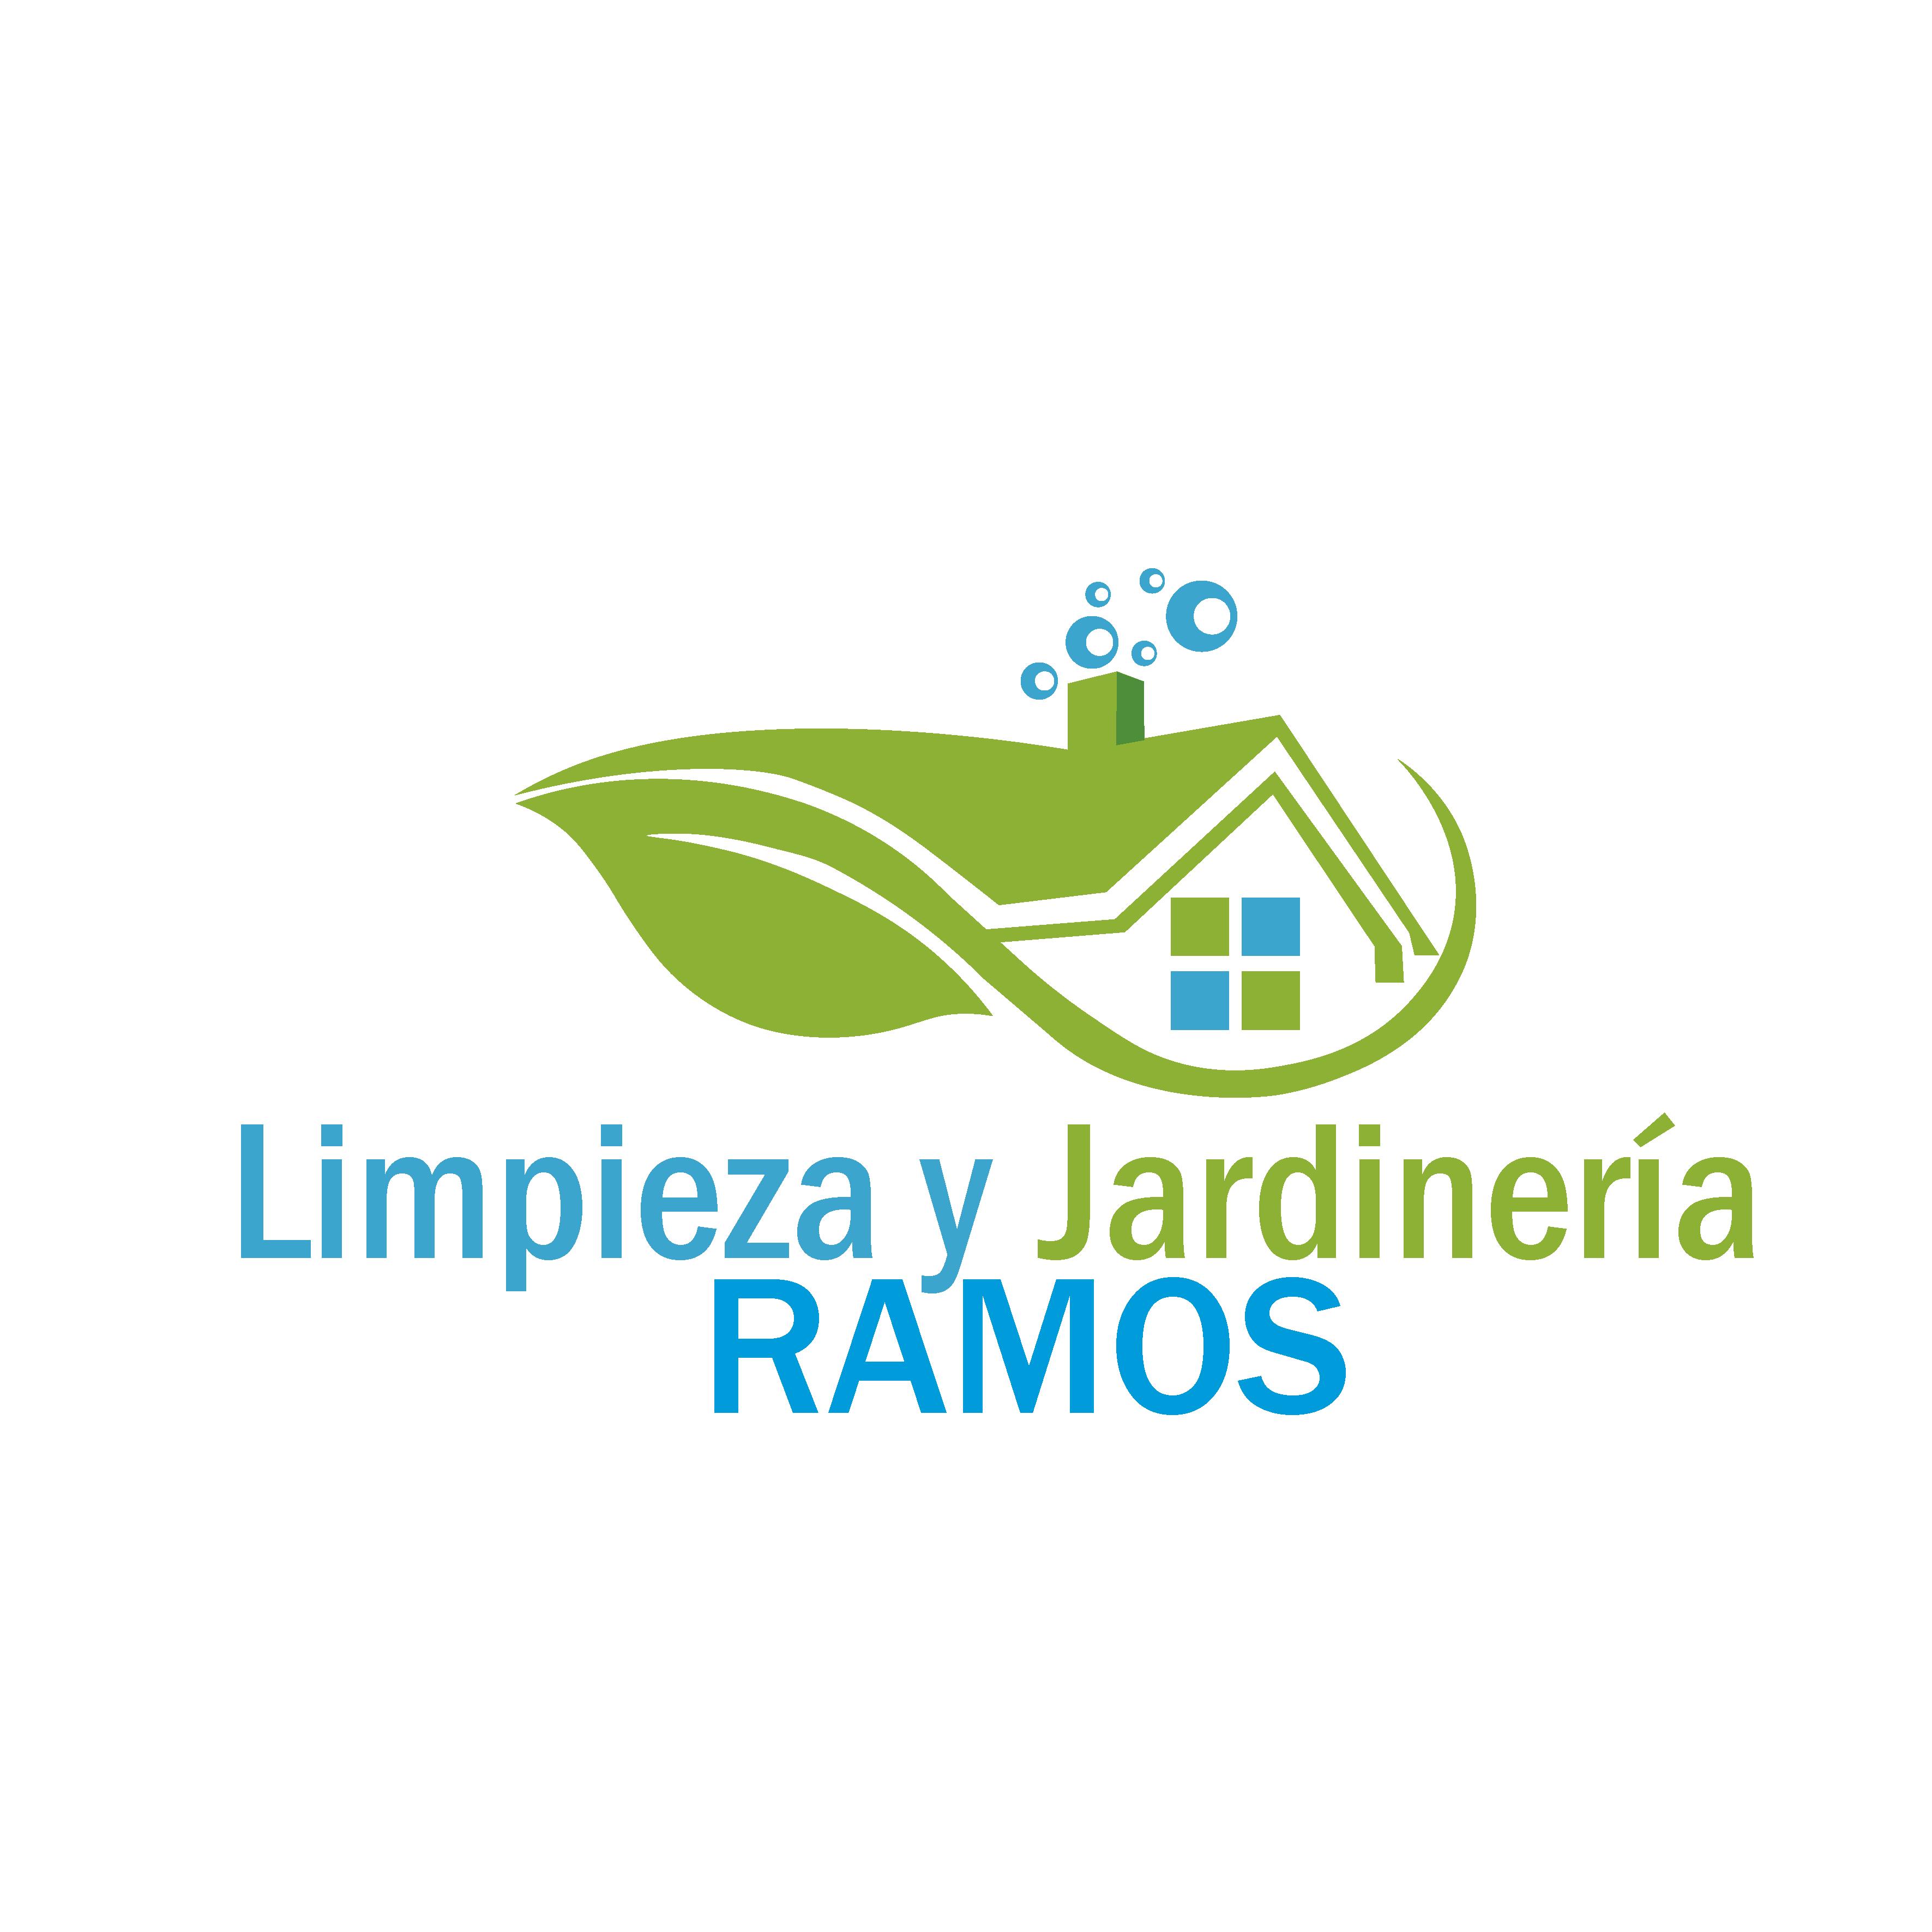 Limpieza Y Jardinería Ramos